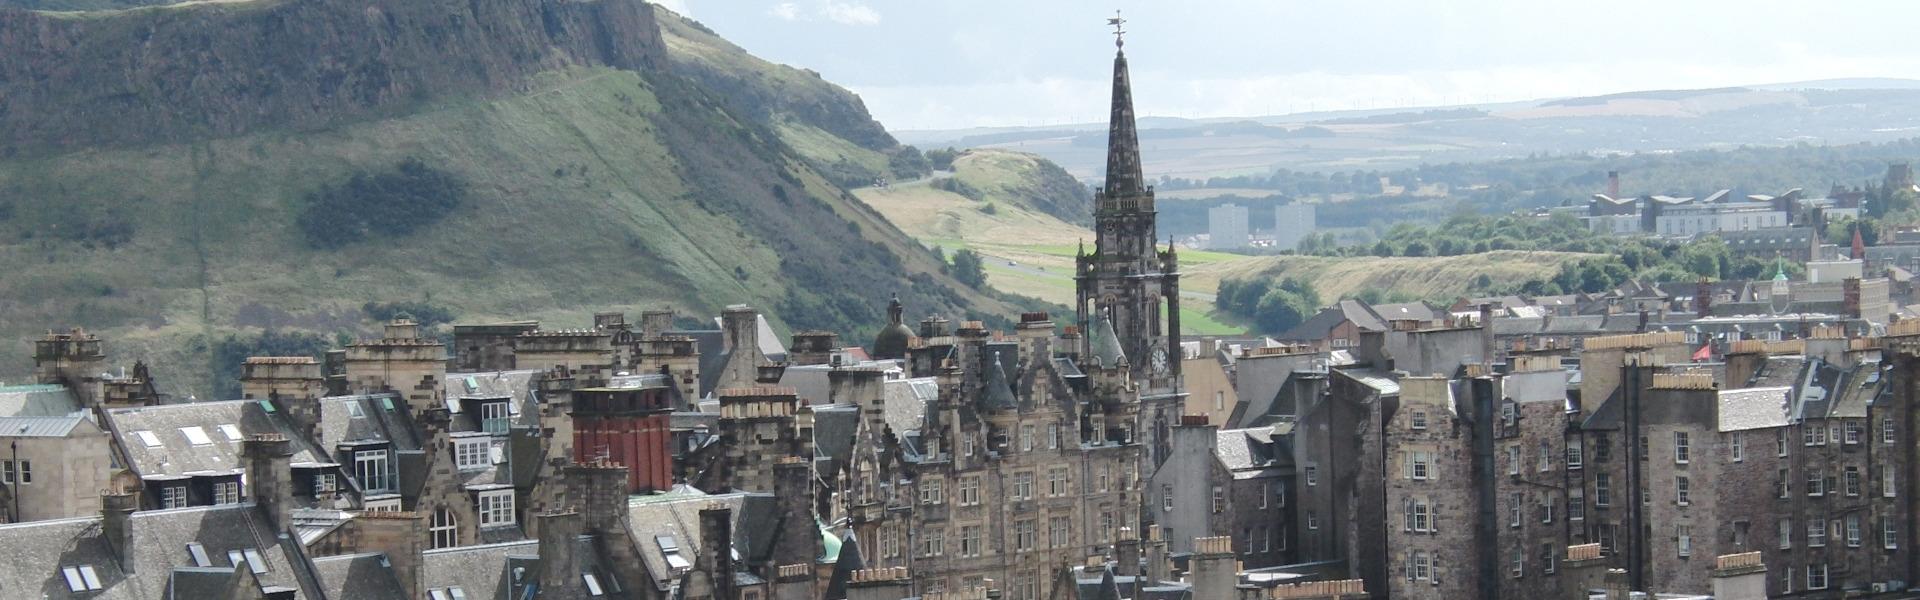 Edinburg in Schottland